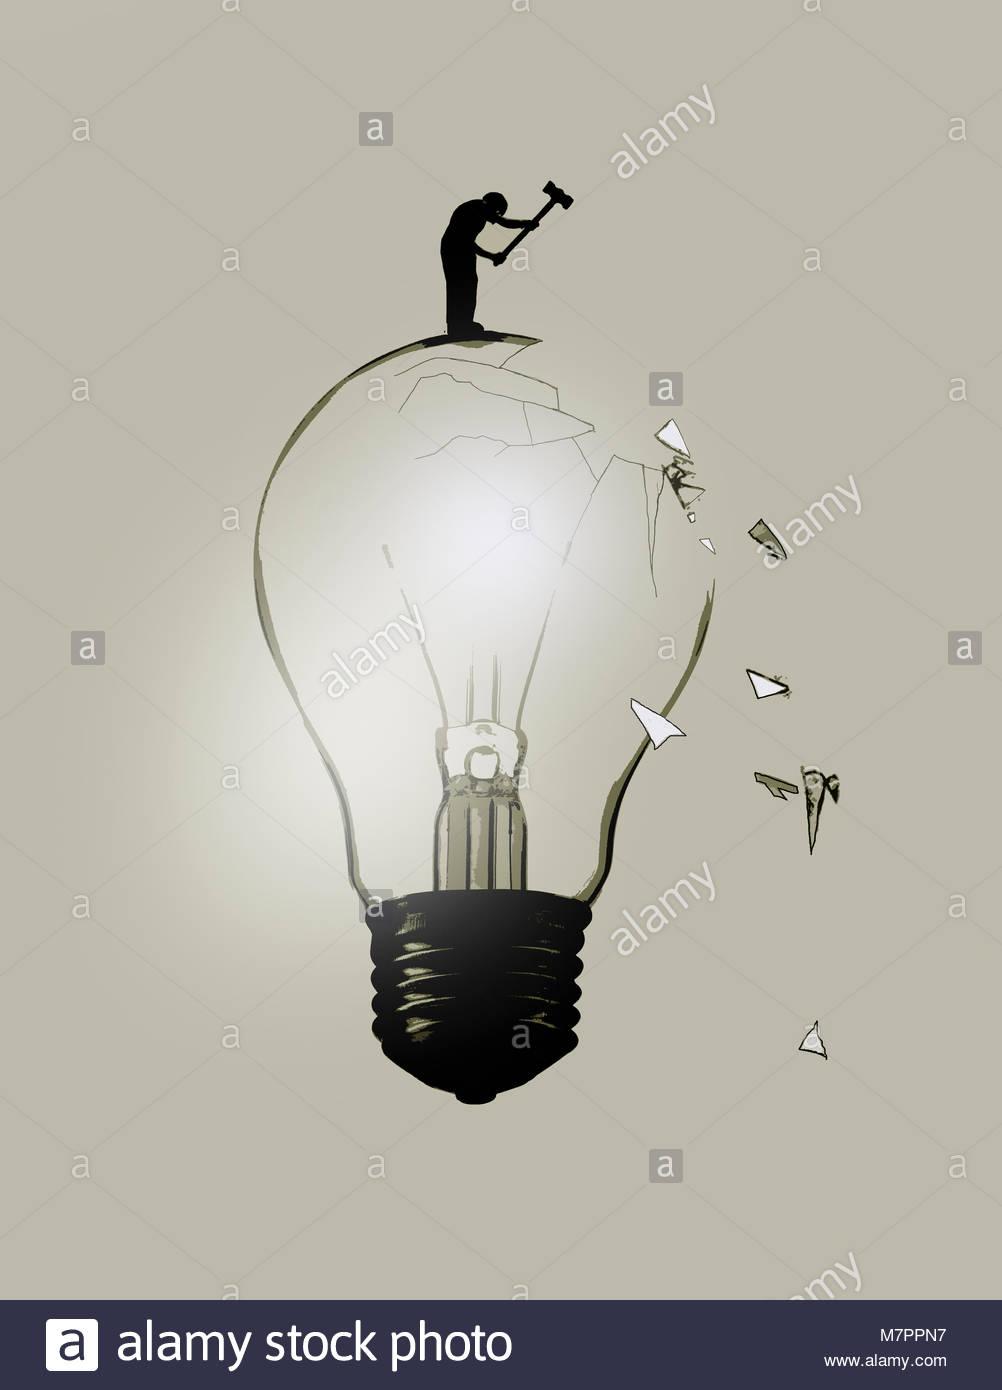 Man breaking light bulb with sledgehammer - Stock Image